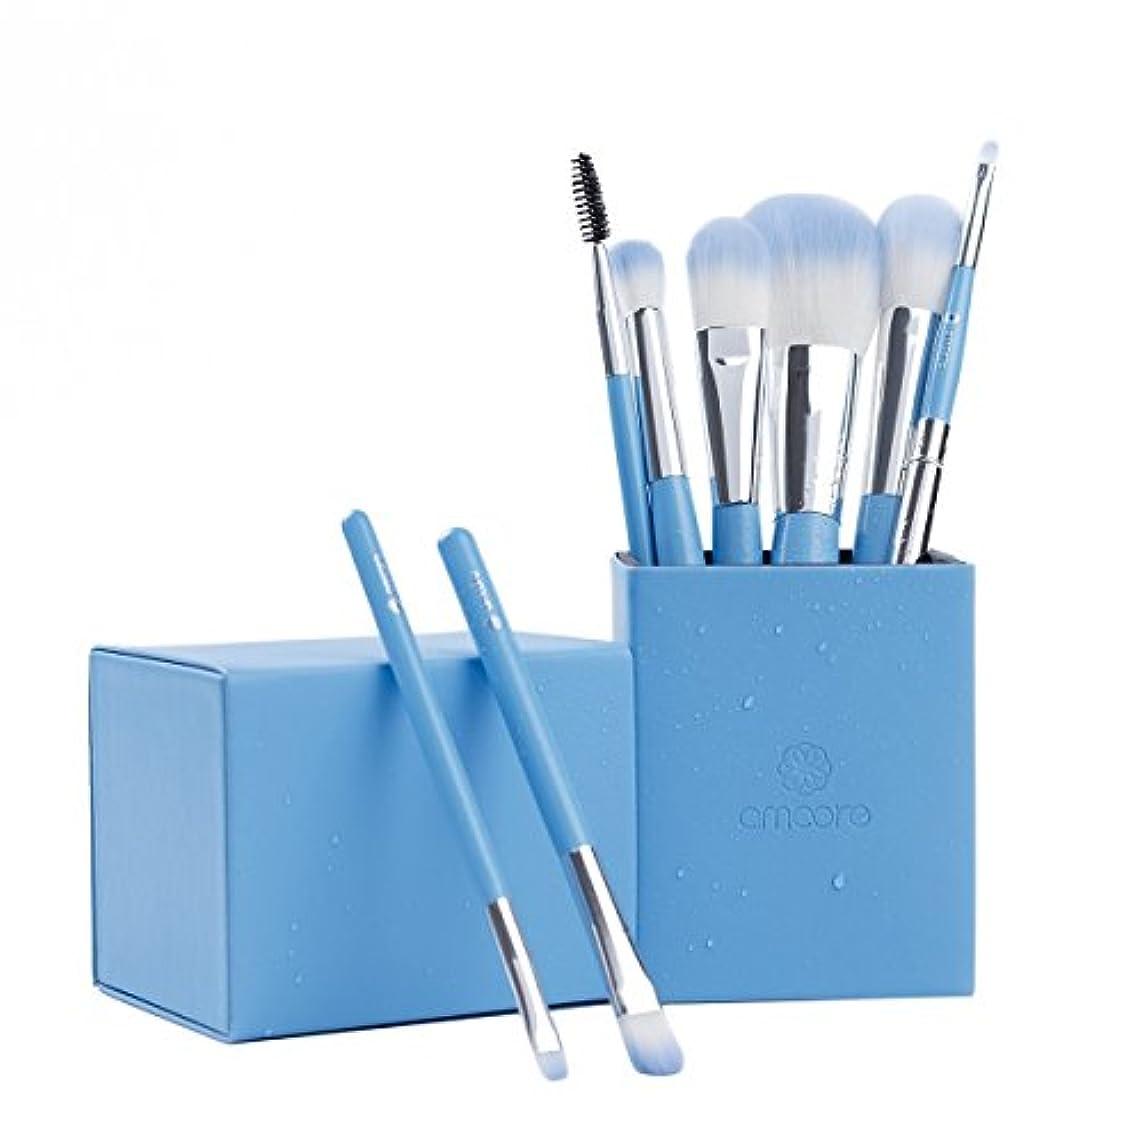 快適試みる黒人amoore 化粧筆 メイクブラシセット 化粧ブラシ セット コスメ ブラシ 収納ケース付き (8本, 水色)